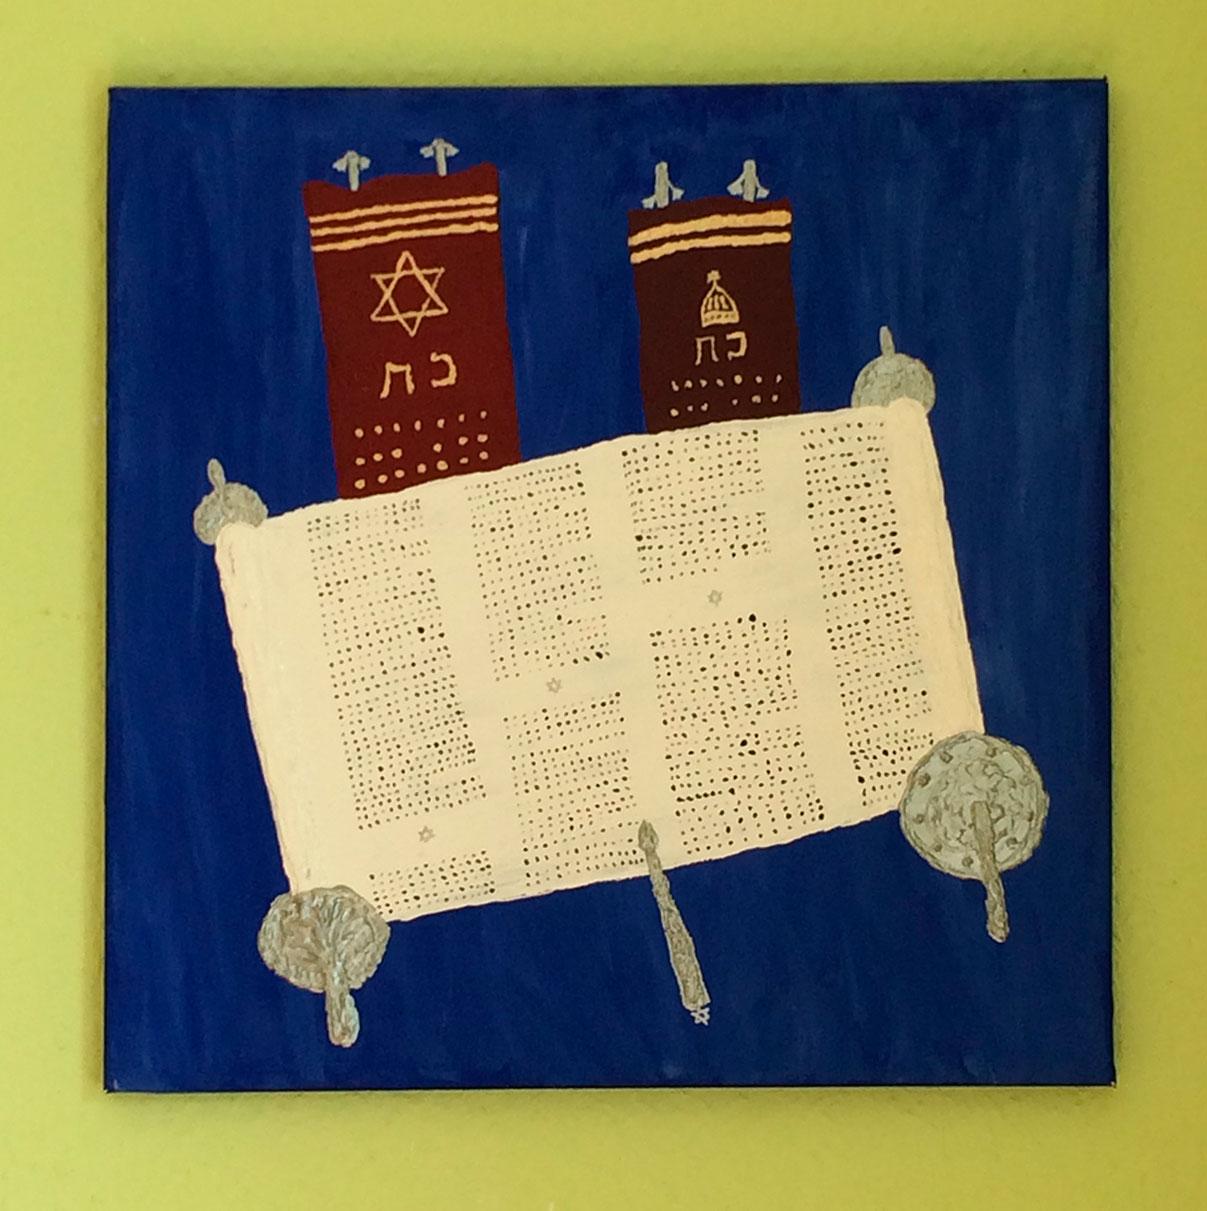 Bild der Tora